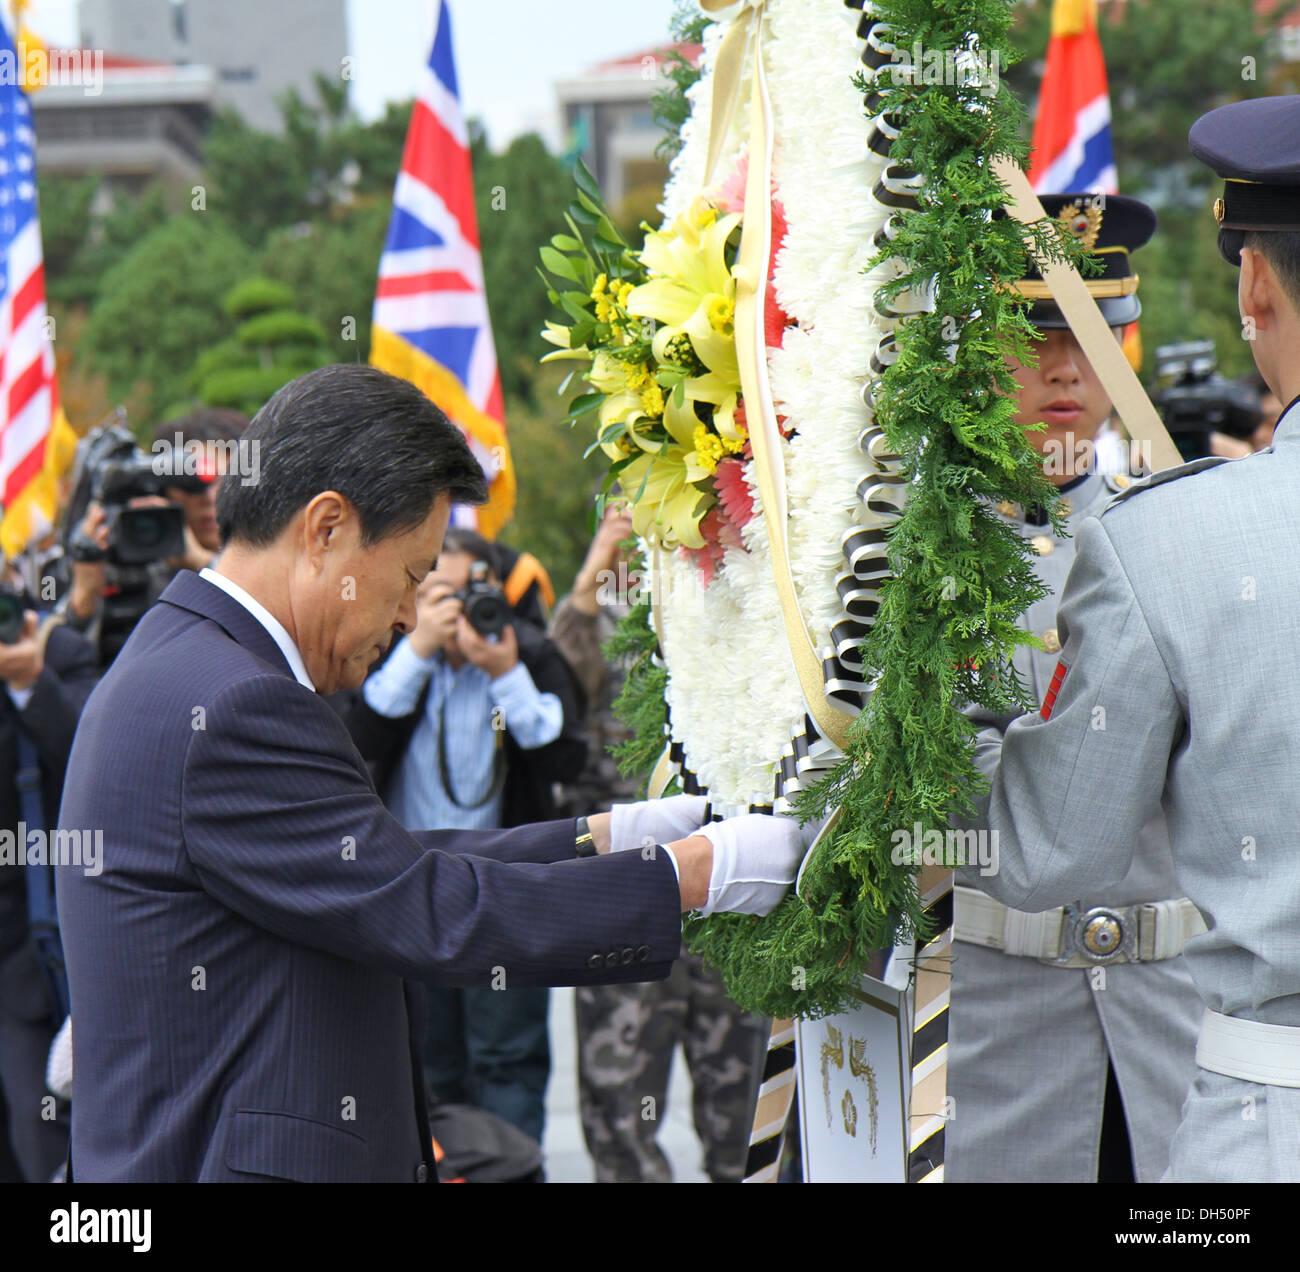 M. Hur Nam-sik, Busan Metropolitan City mayor, consacre couronne au Cimetière commémoratif des Nations Unies lors de la 68ème anniversaire de la célébration de la Journée des Nations Unies le 24 octobre au Cimetière commémoratif des Nations Unies. Photo Stock